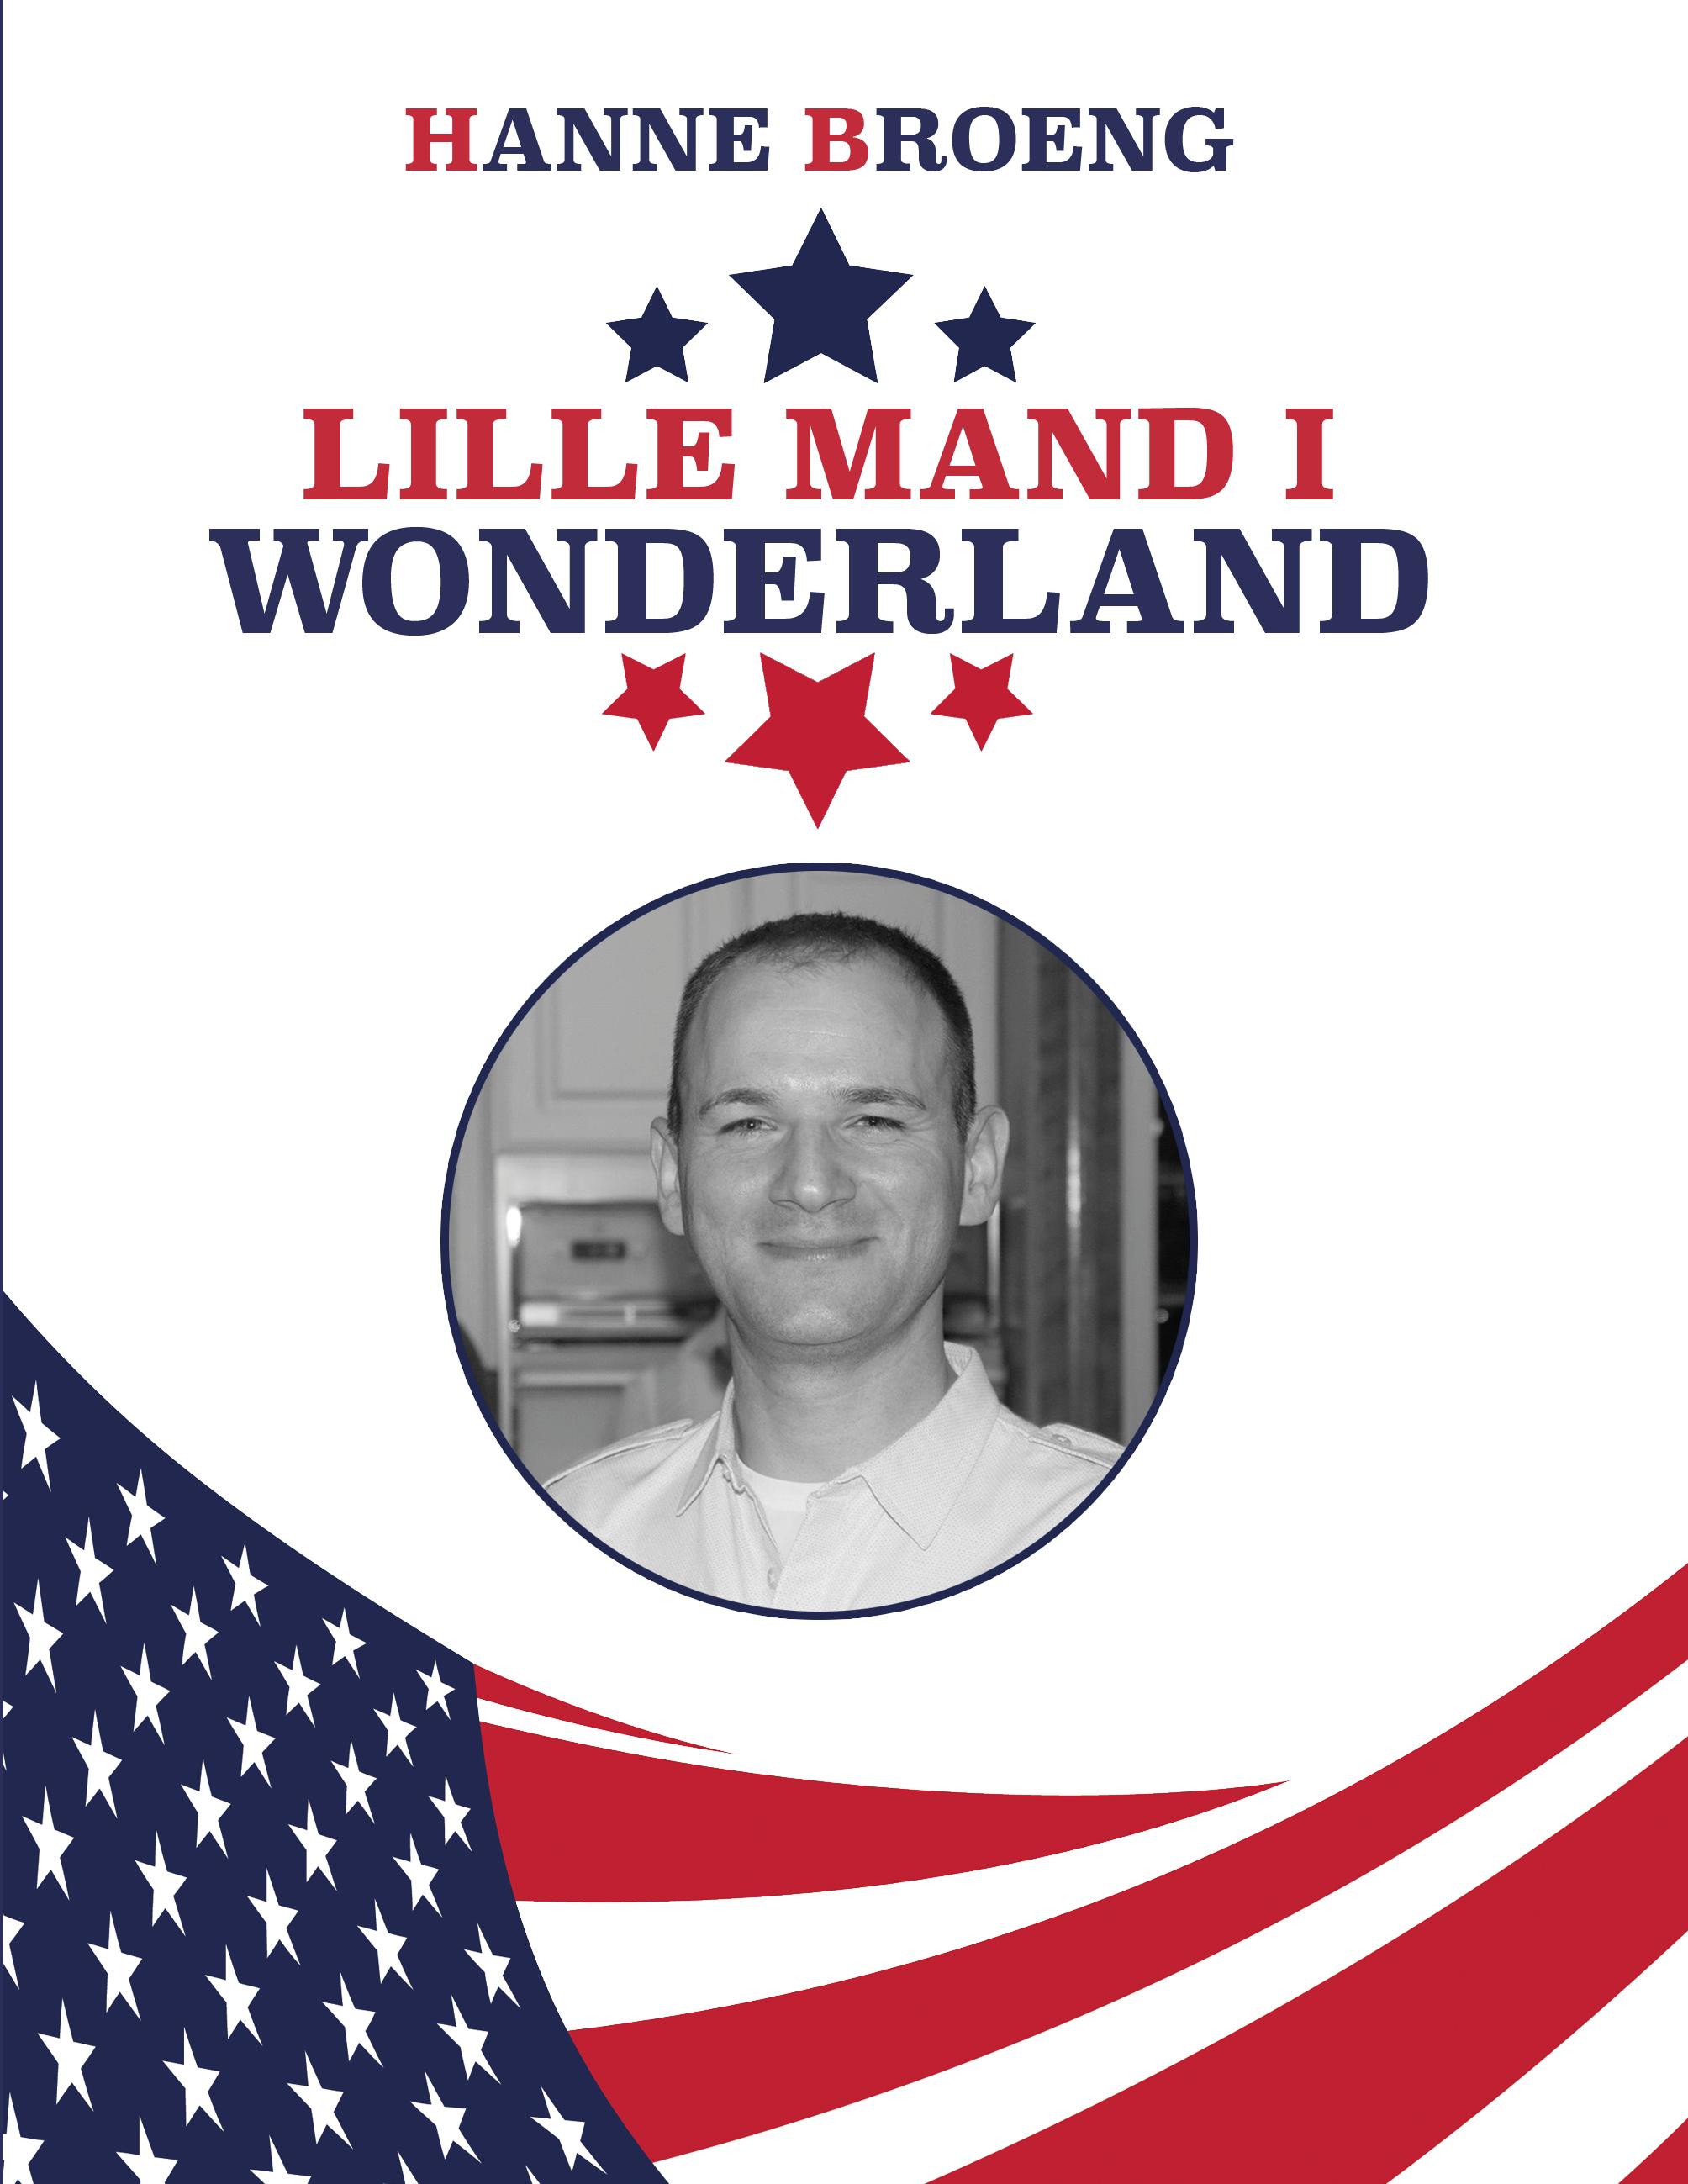 N/A Lille mand i wonderland - e-bog fra bog & mystik